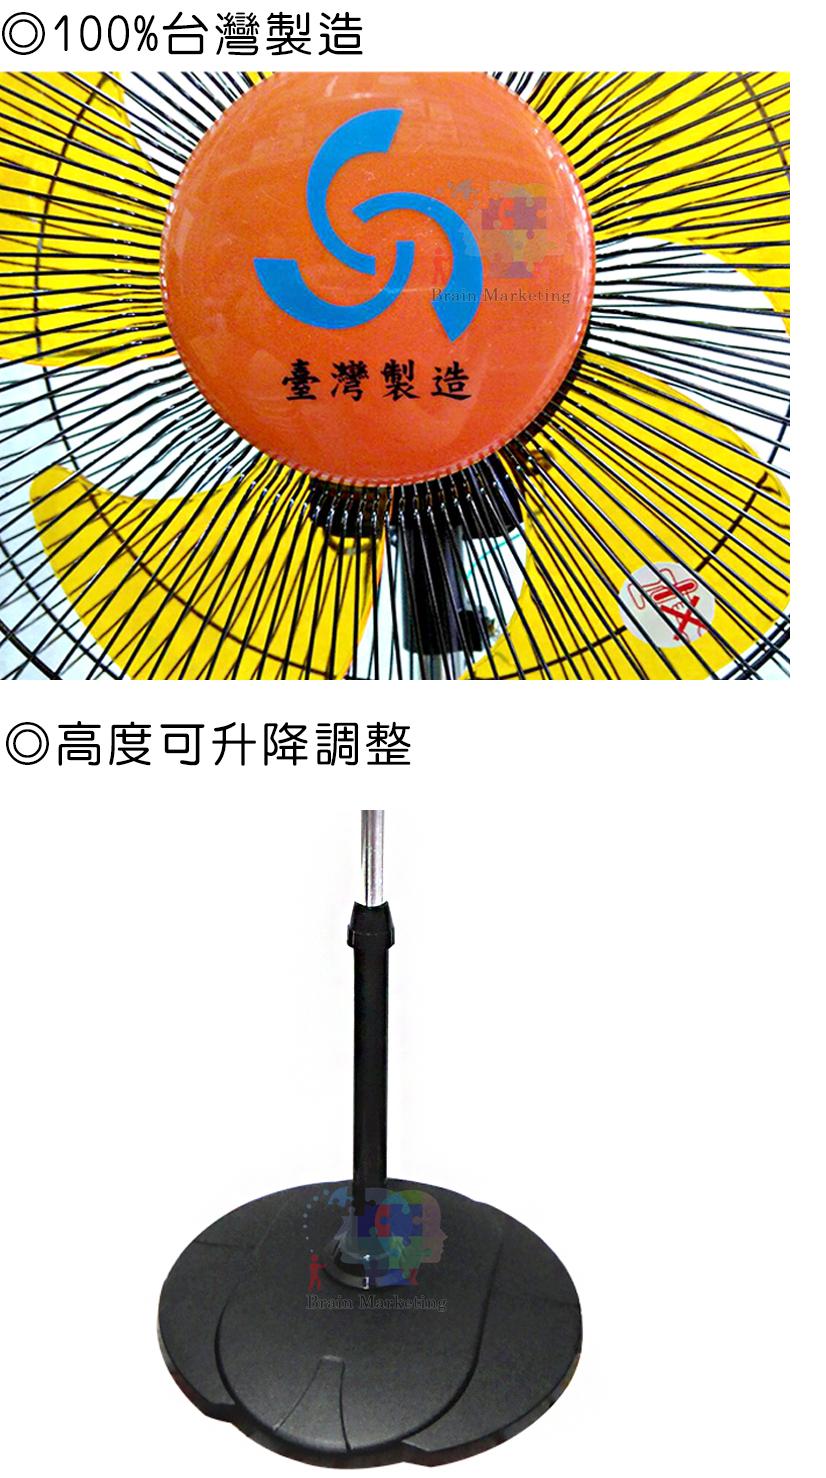 【尋寶趣】金展輝 八方吹 16吋 涼風扇(3入) 360轉 風量大 電扇 電風扇 桌扇 台灣製 立扇A-1611-X3 8